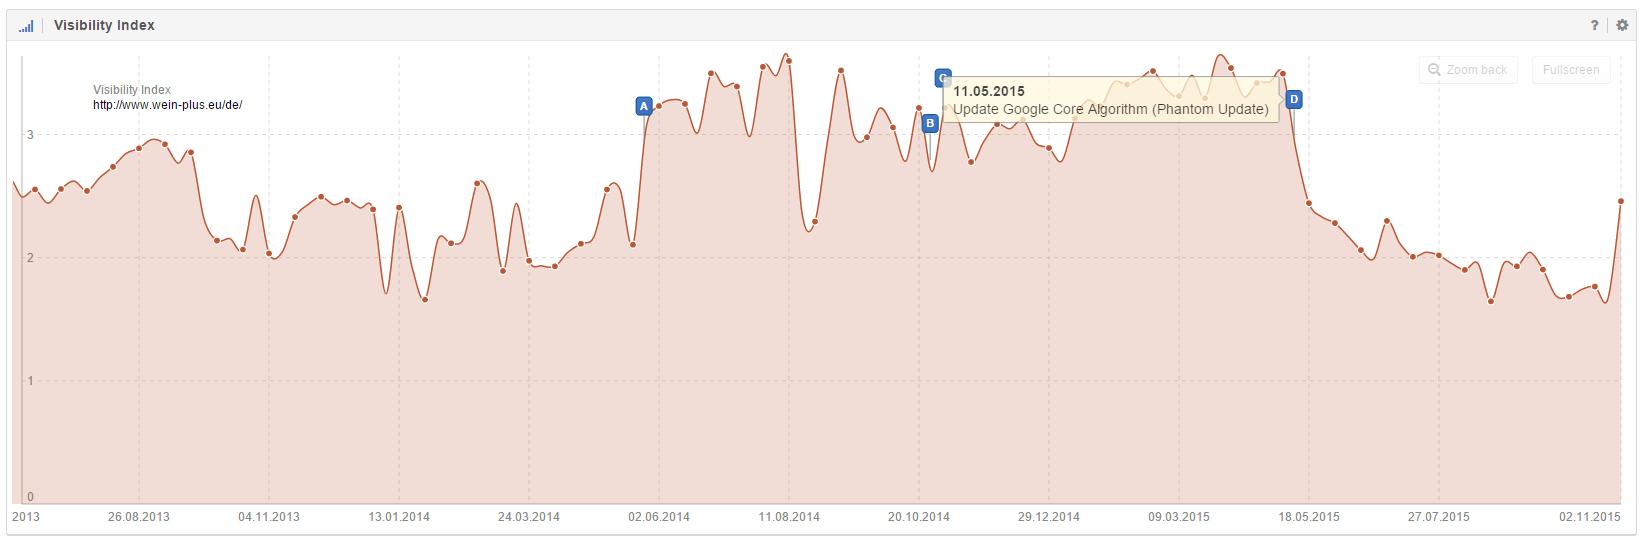 Sichtbarkeitsindex Domain wein-plus.eu